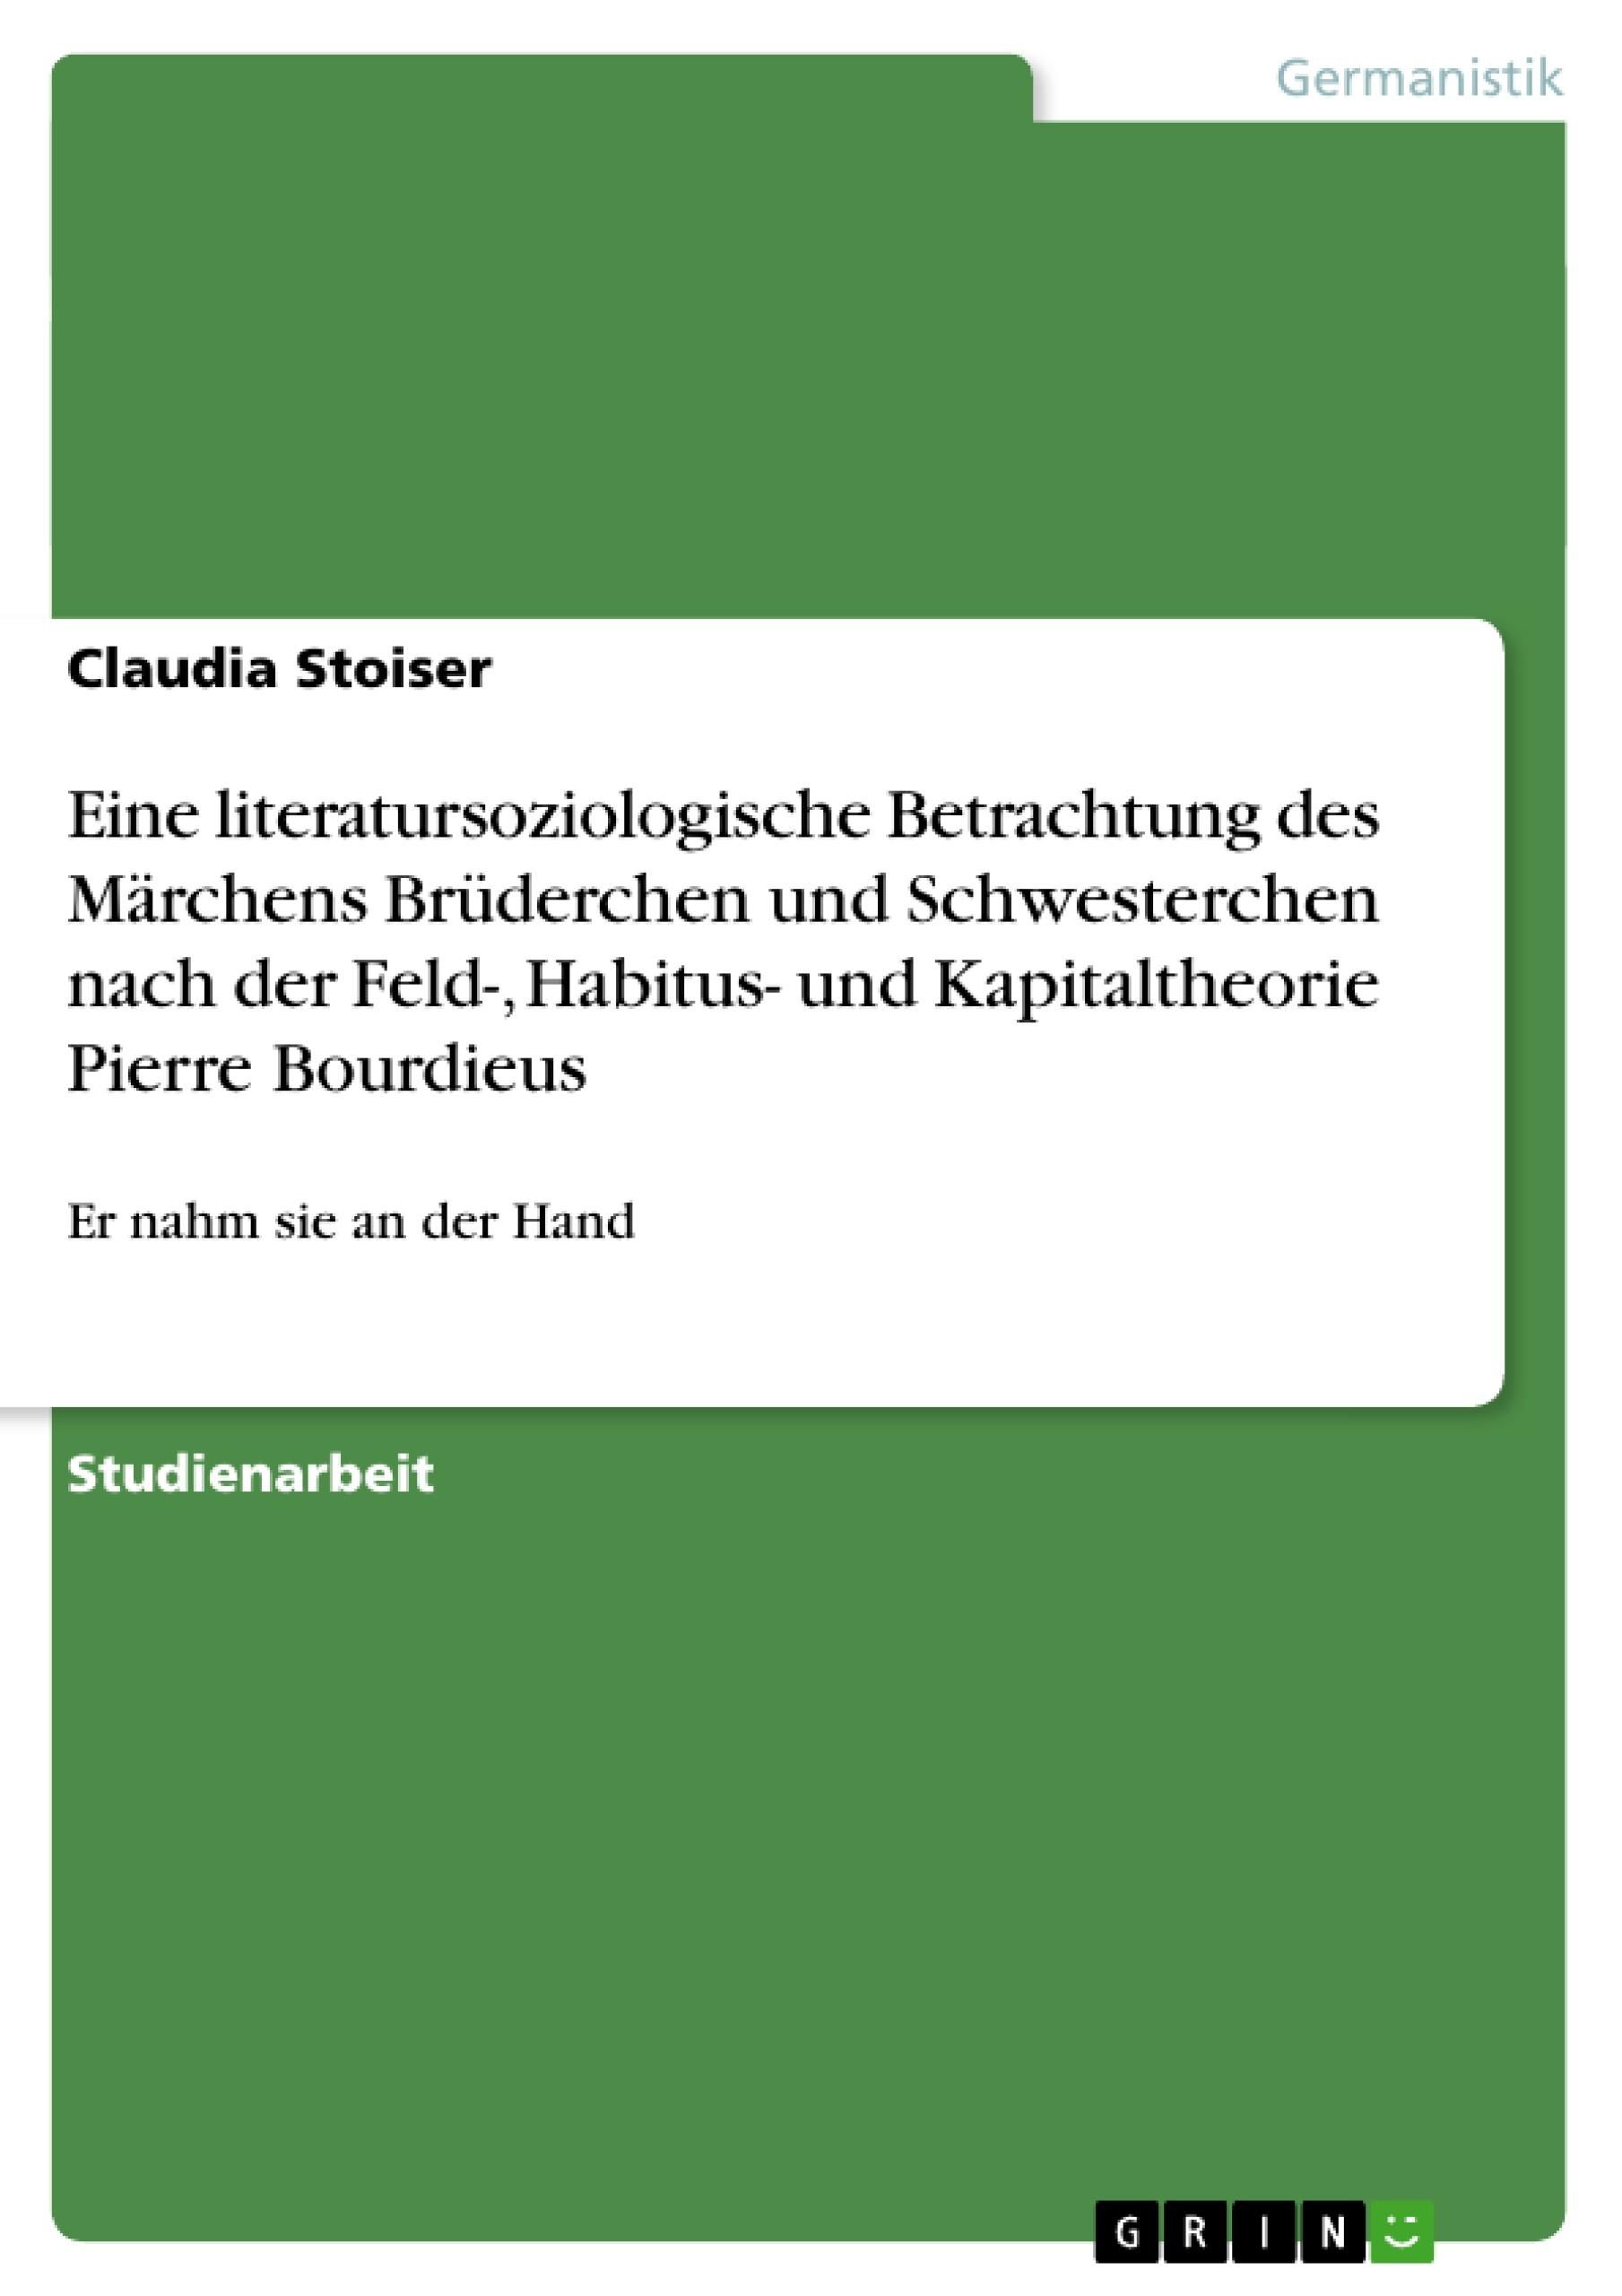 Titel: Eine literatursoziologische Betrachtung des Märchens Brüderchen und Schwesterchen nach der Feld-, Habitus- und Kapitaltheorie Pierre Bourdieus